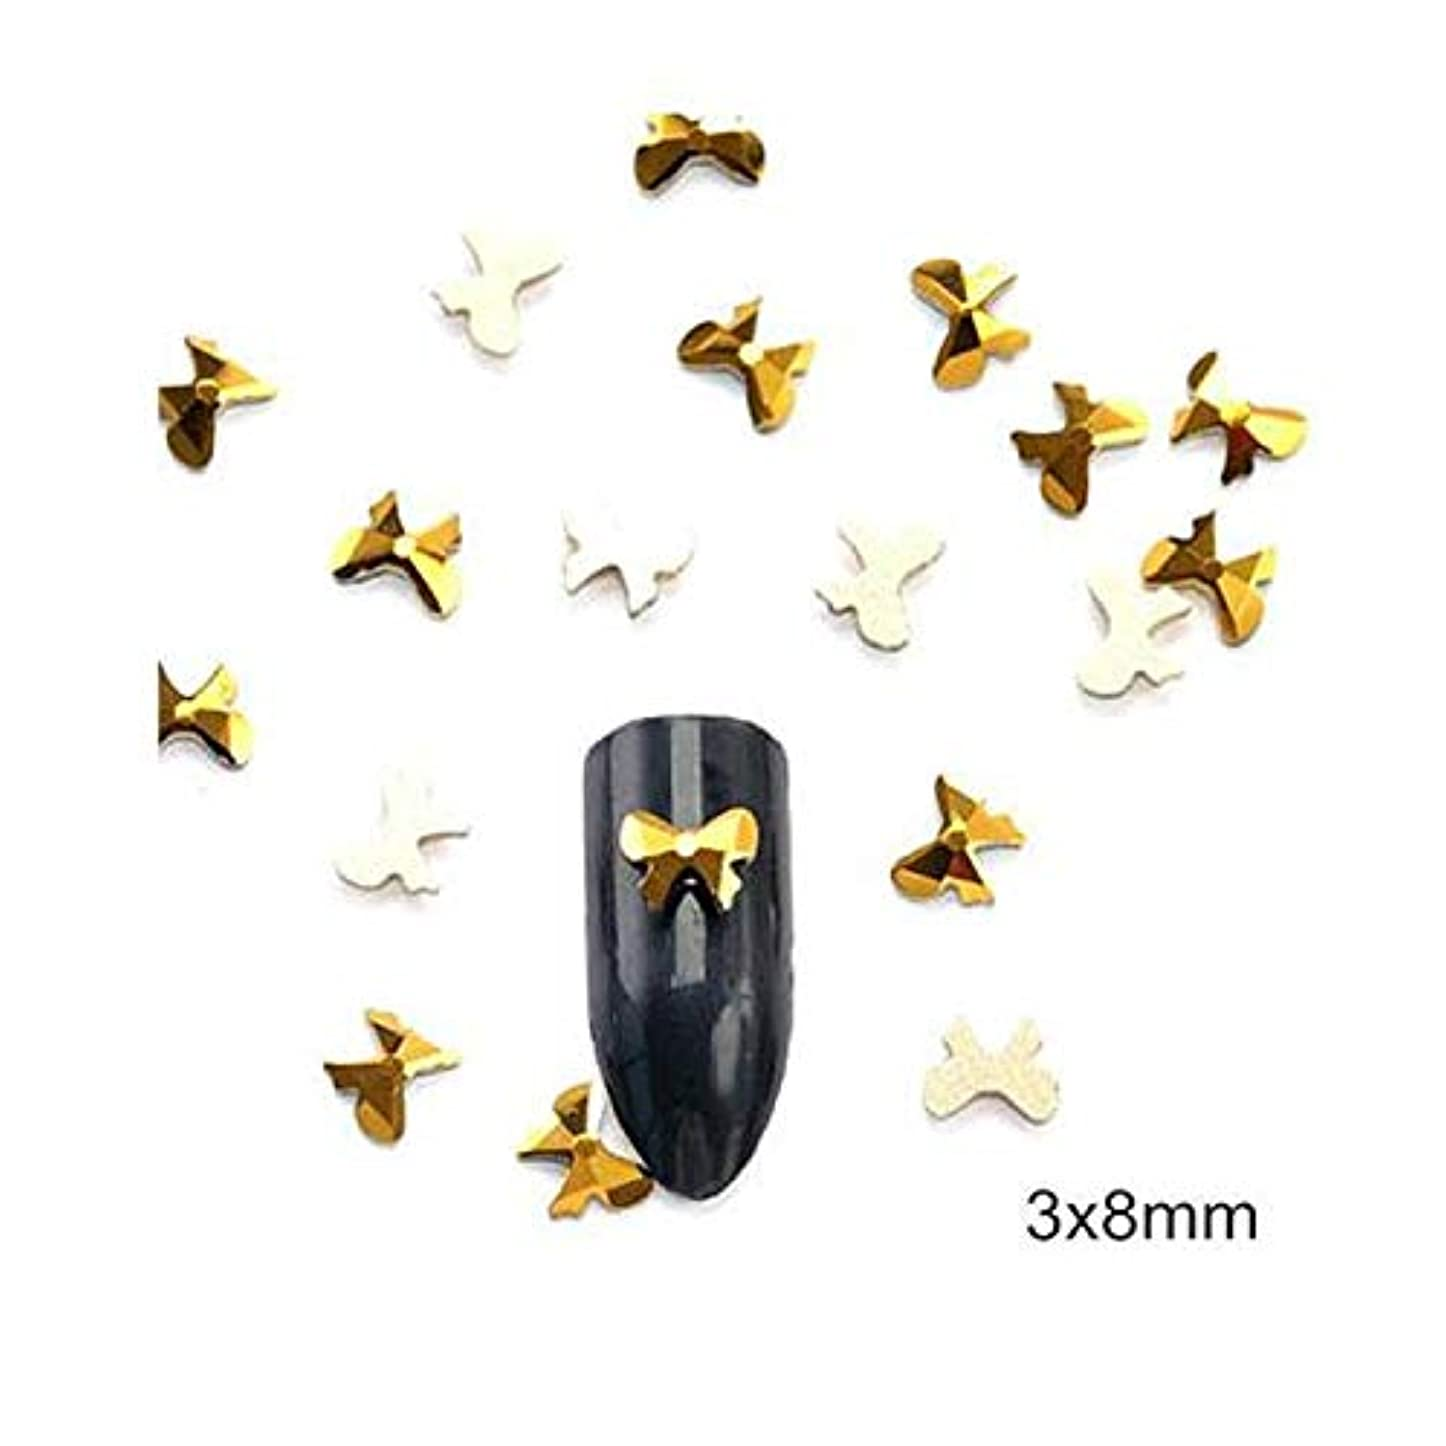 飢饉核ストロークFlysea ダイヤモンドゴールド完全な形のネイルステッカースーパーフラッシュネイルジュエリーフラットドリルはネイルズアートの装飾結晶が設定したドリル(12グリッドボックス) (色 : Bow 10PCS)